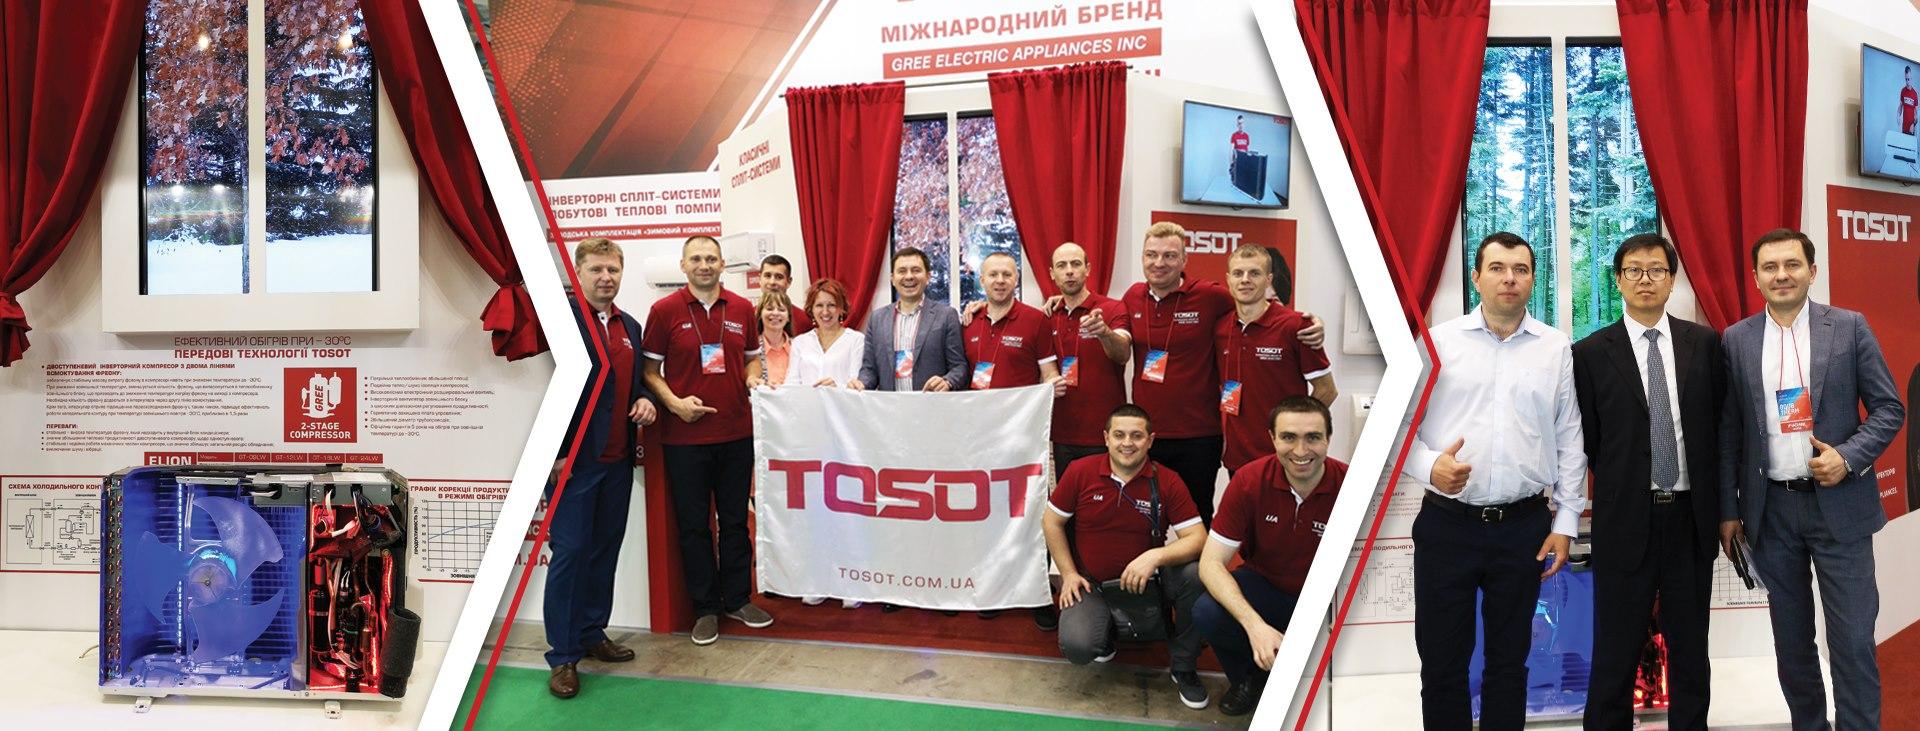 команда TOSOT Украина частник выставки Акватерм 2019 ( TOSOT Одесса )